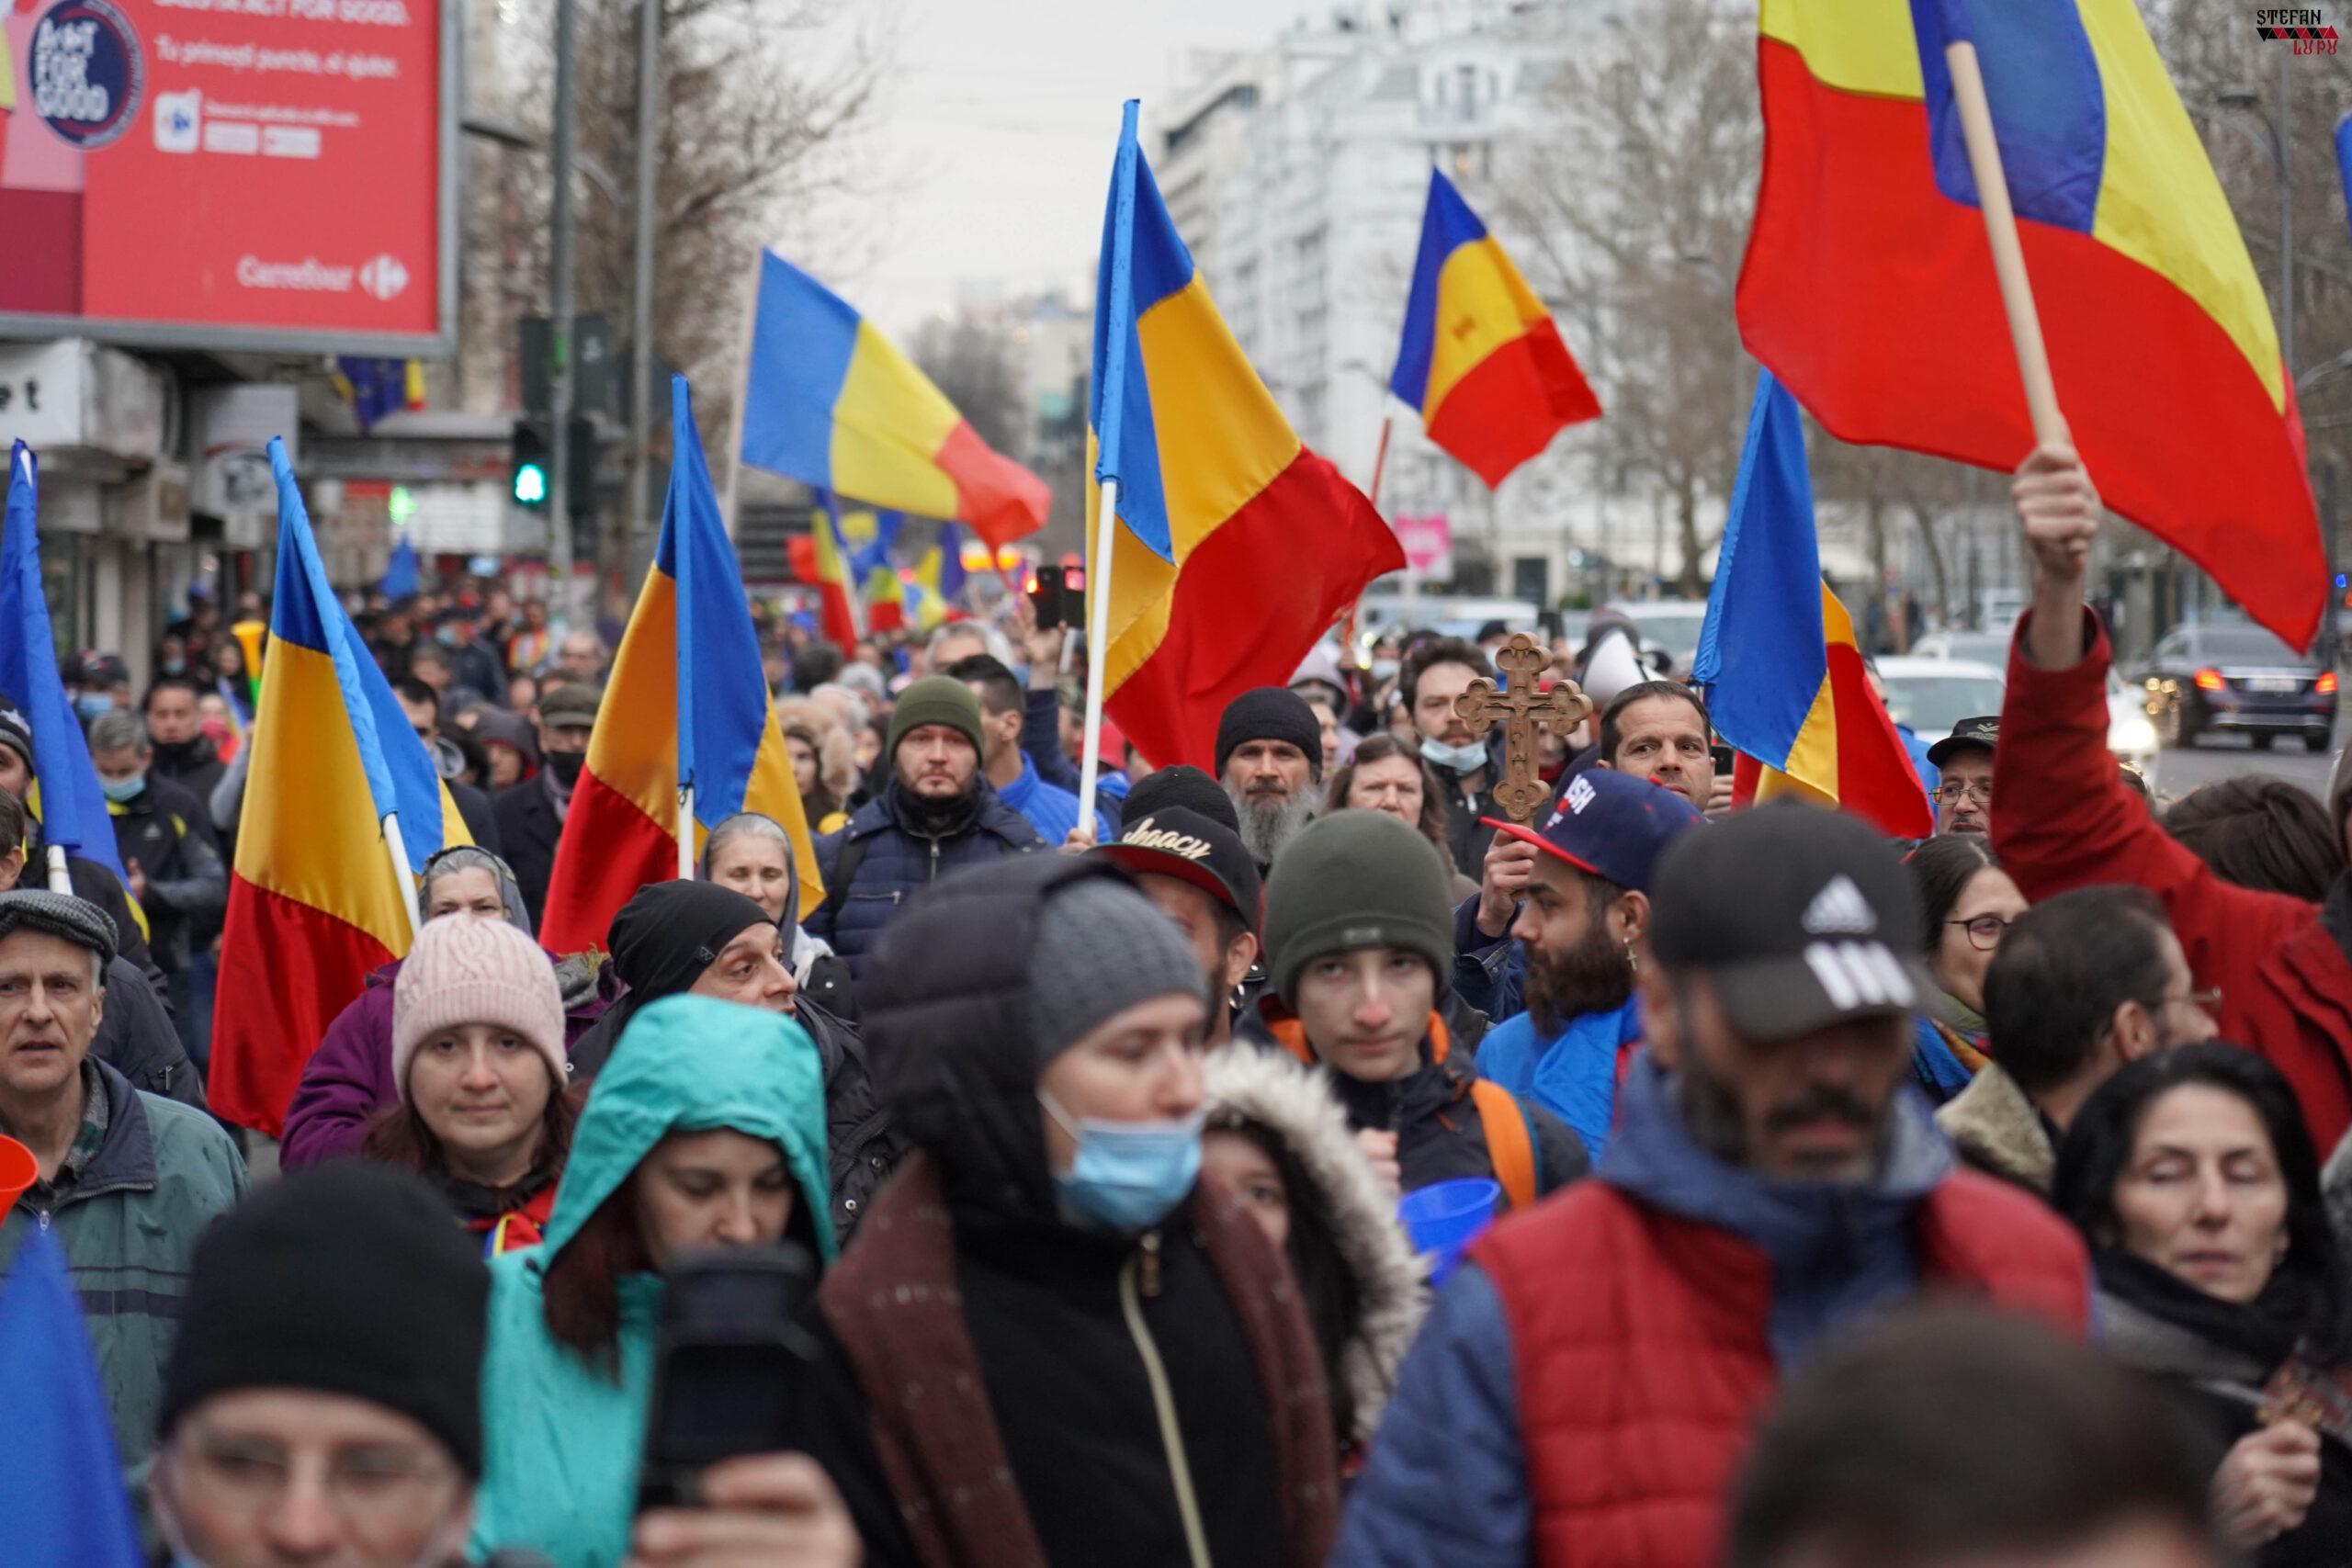 GALERIE FOTO   Protestul din București împotriva restricțiilor abuzive, 3 aprilie 2021